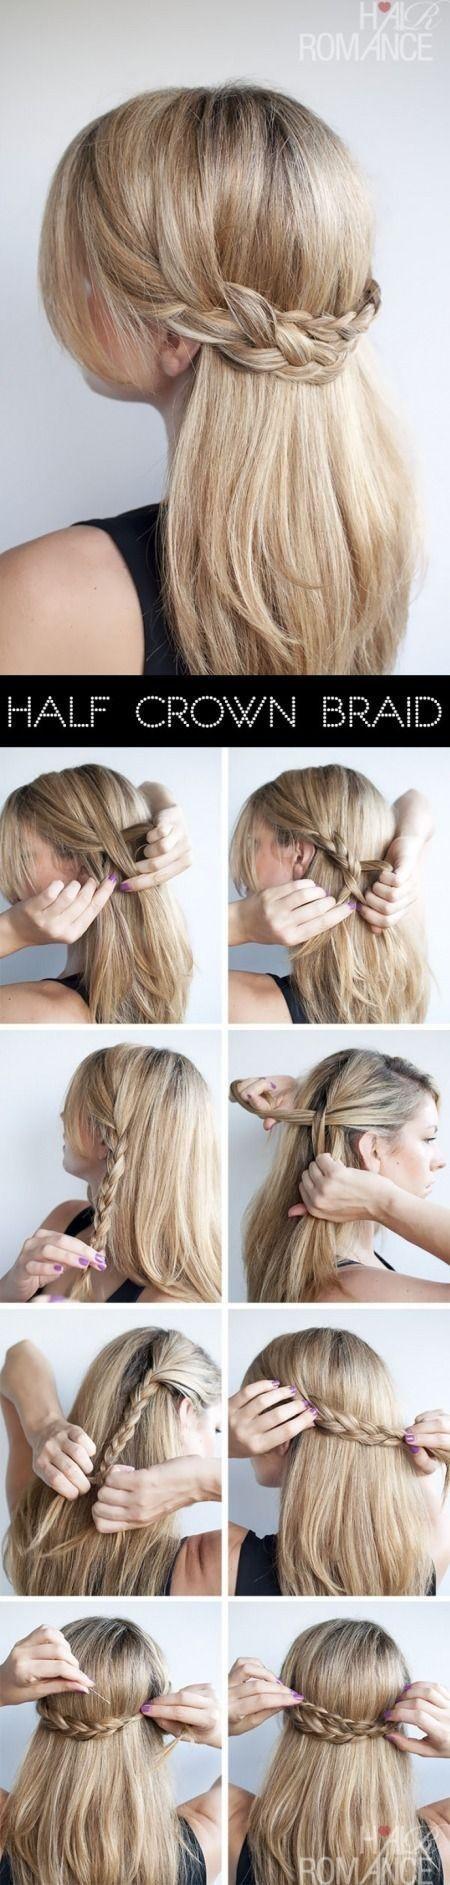 Niedlich, einfach Frisuren zu tun